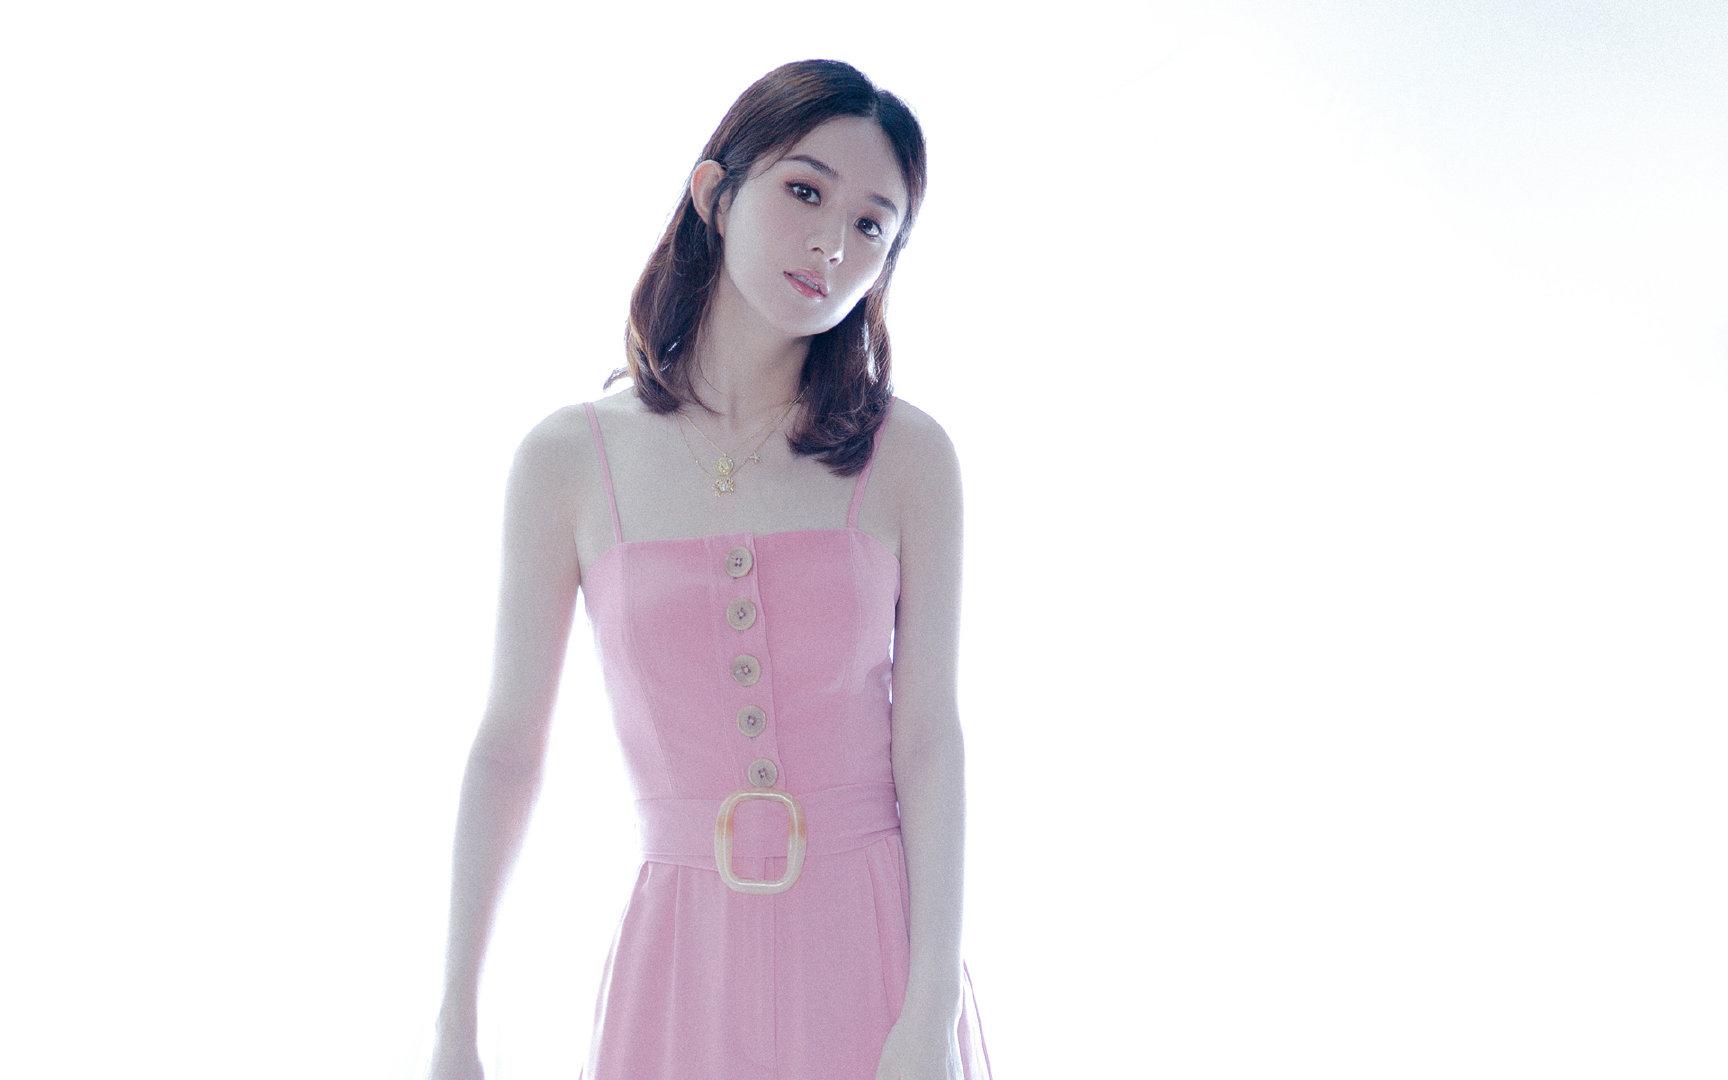 赵丽颖粉色吊带裙超高清写真图片